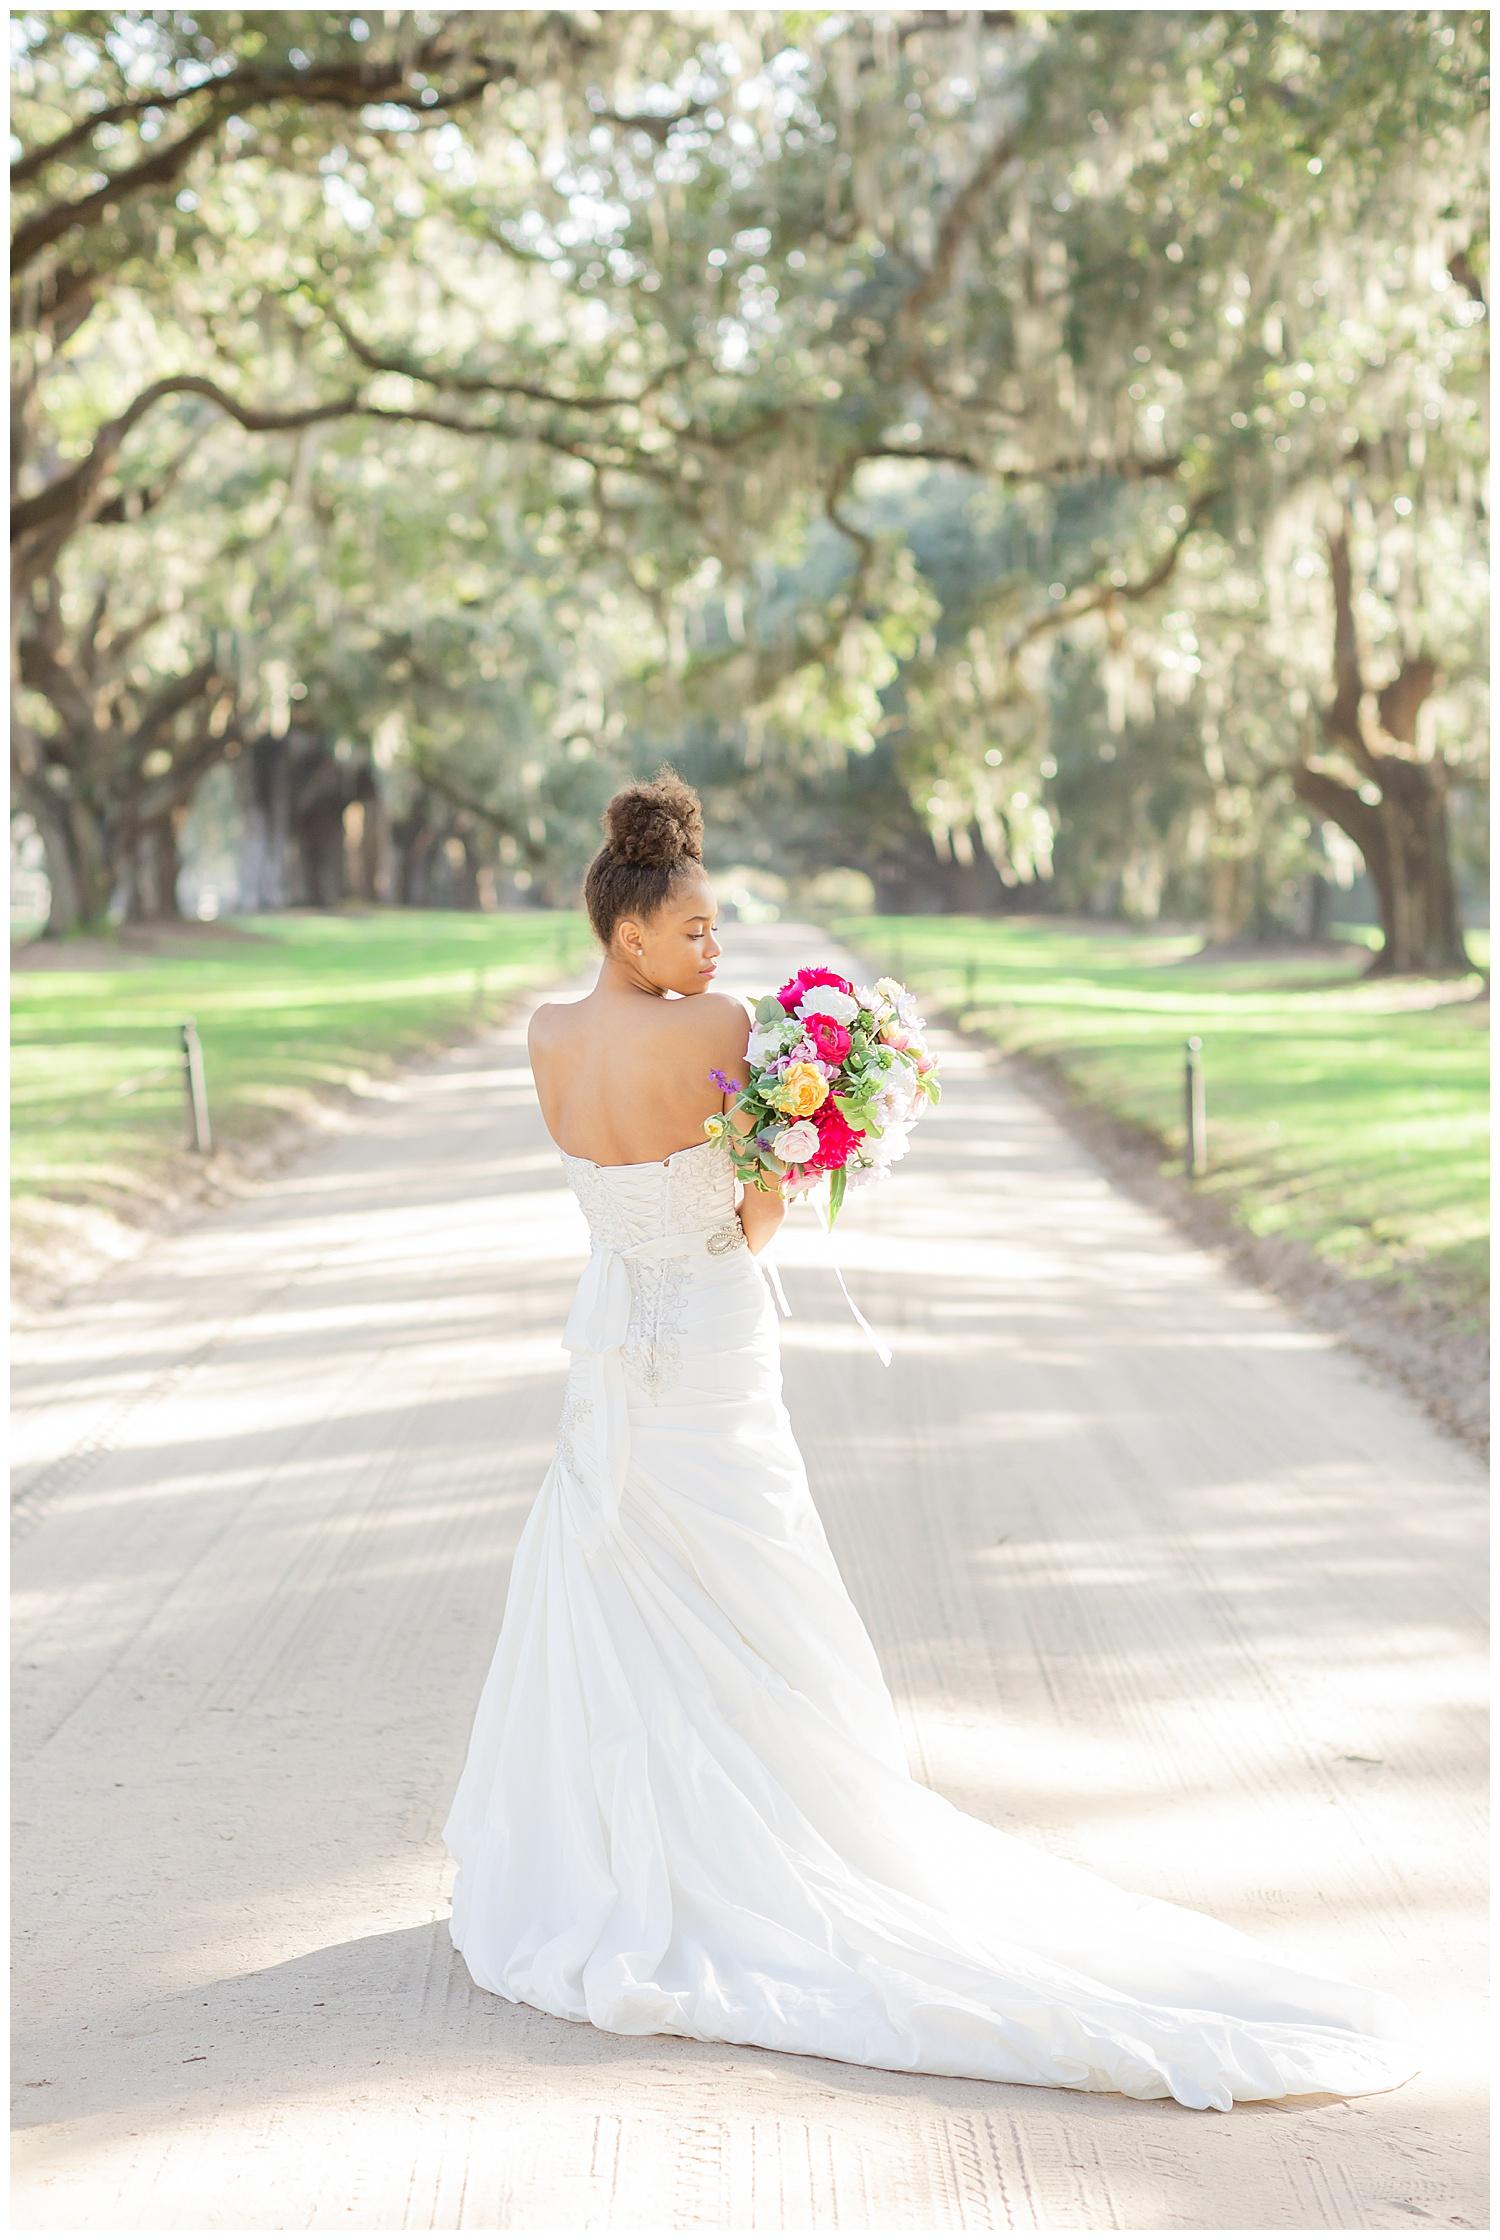 Wedding Flowers For Rent Vendor Spotlight The Wedding Row